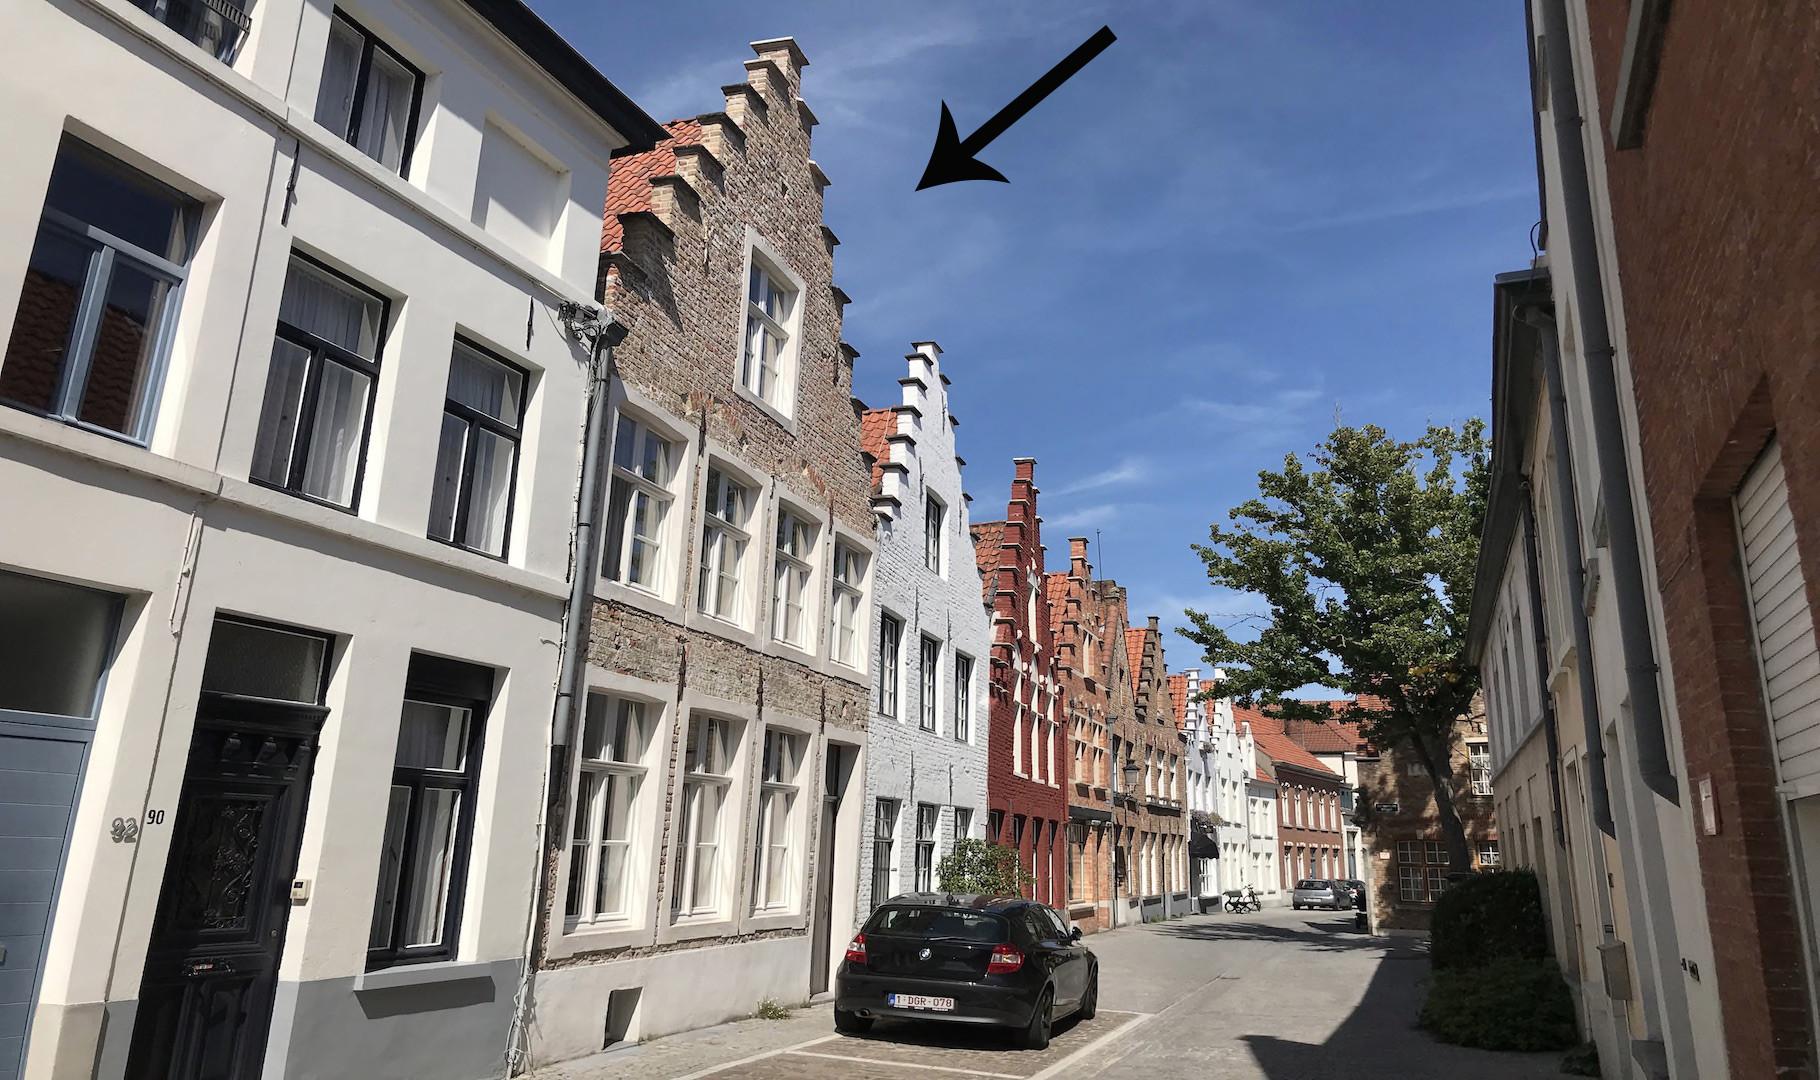 exclusieve architectenwoning, 16e-17e eeuwse kern met eigentijdse accenten, 4 slaapkamers, 3 badkamers, lift, terras en tuin aan rei en park, toplocatie bij St Jacobs